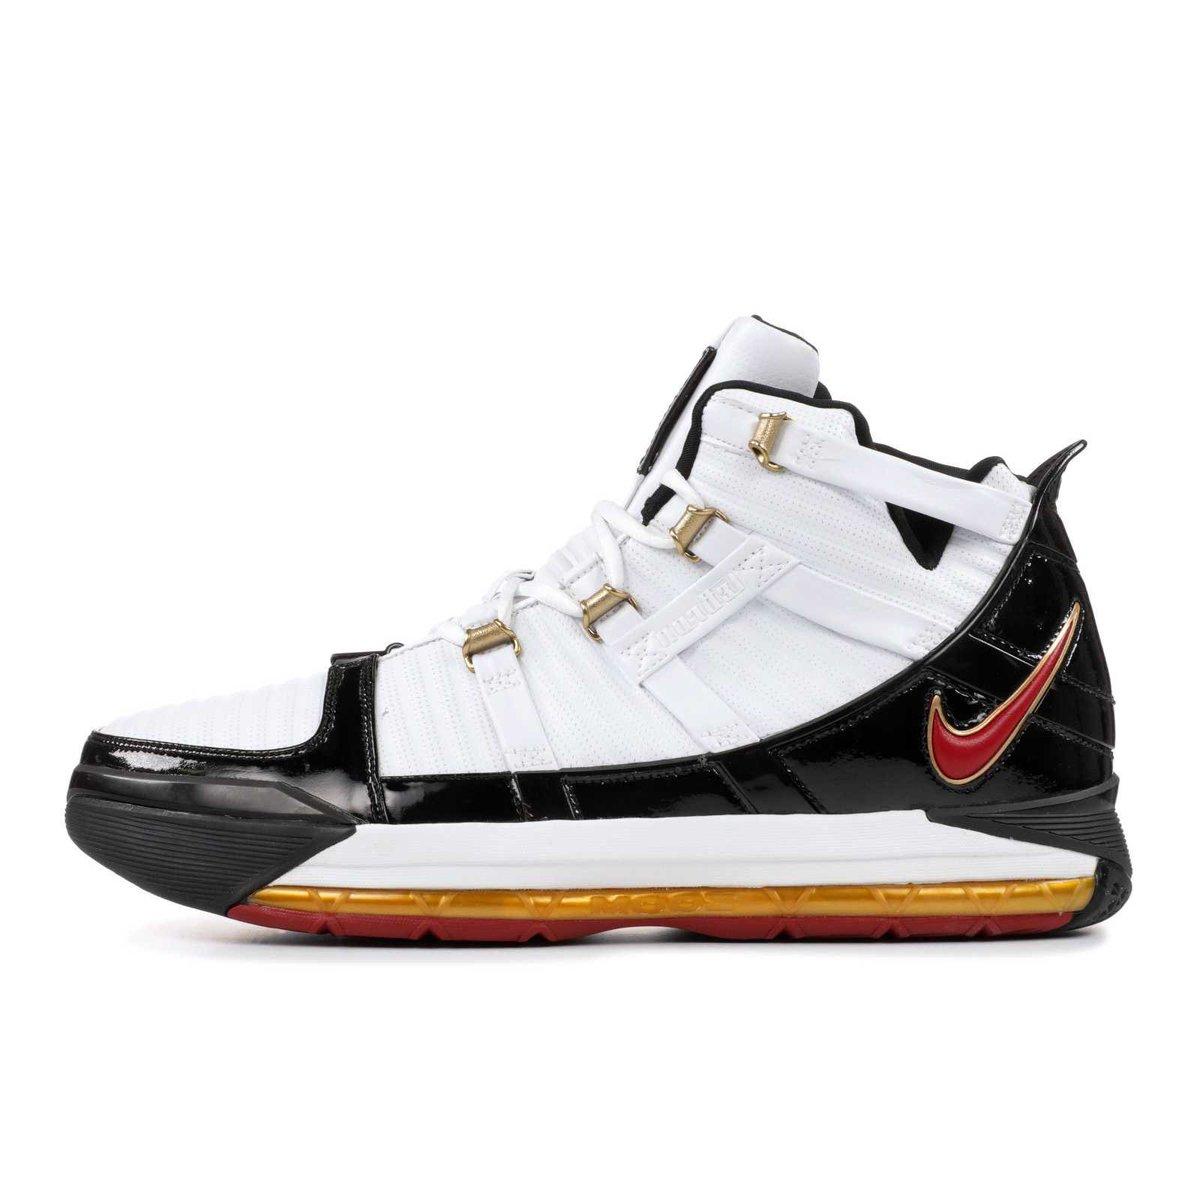 16bcf835302 LeBron James and Nike Basketball